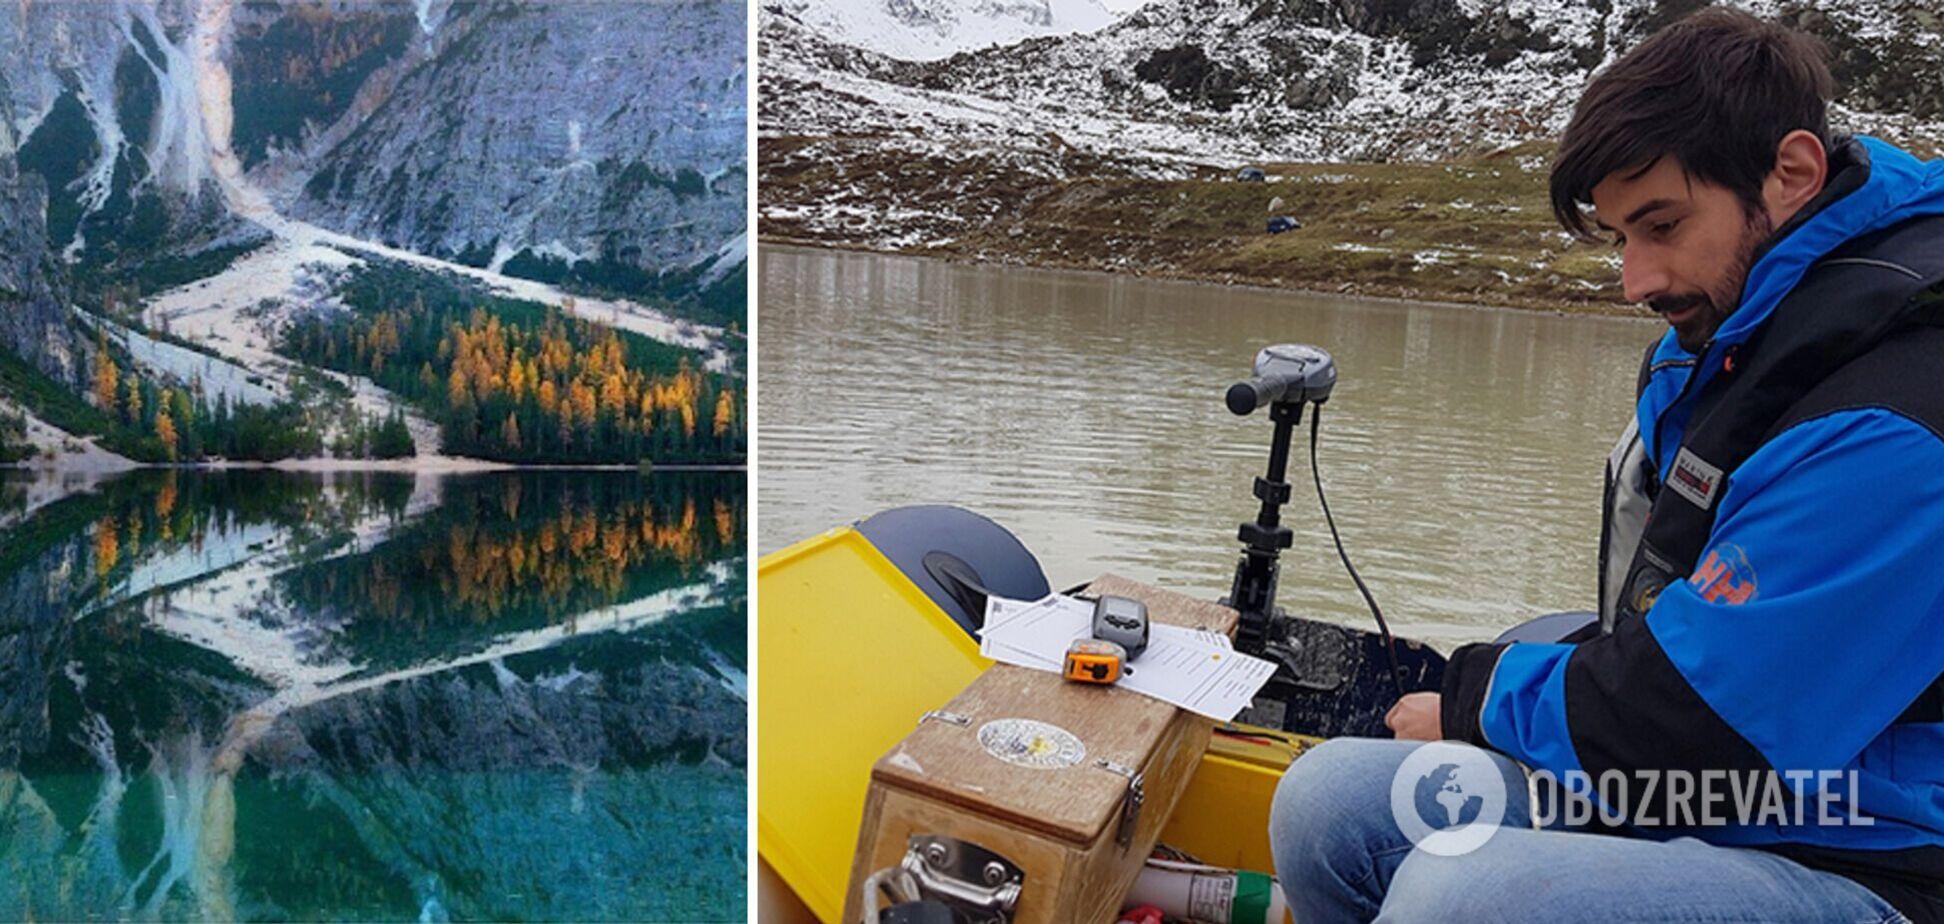 Це видиме свідчення зміни клімату в Альпах